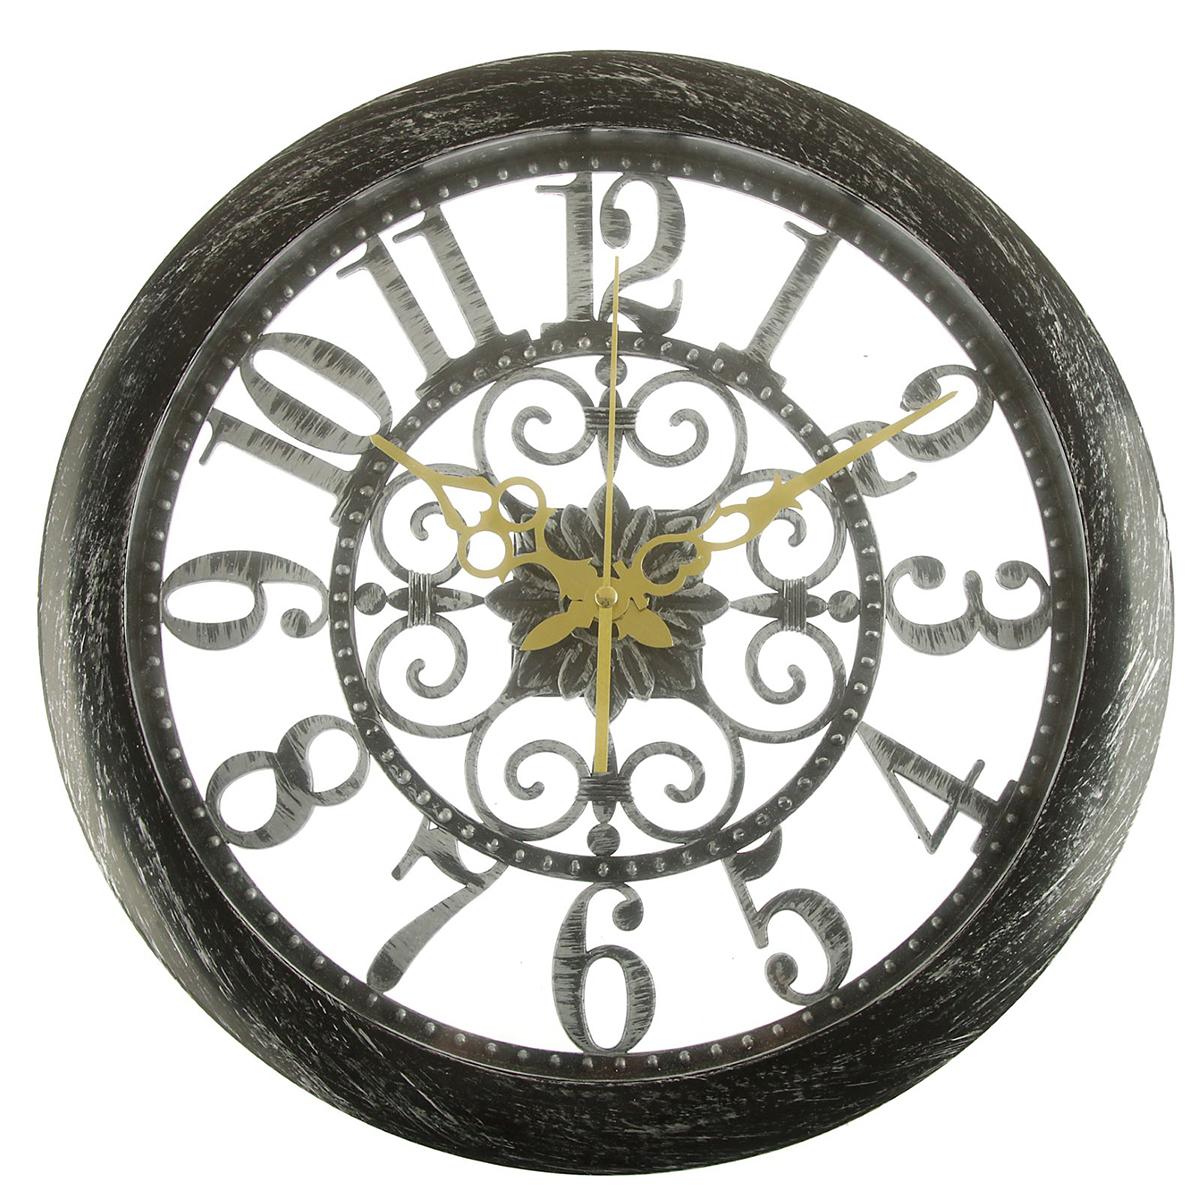 Часы настенные интерьерные Винтаж, цвет: потертое серебро, 36 х 36 см2582101Каждому хозяину периодически приходит мысль обновить свою квартиру, сделать ремонт, перестановку или кардинально поменять внешний вид каждой комнаты. — привлекательная деталь, которая поможет воплотить вашу интерьерную идею, создать неповторимую атмосферу в вашем доме. Окружите себя приятными мелочами, пусть они радуют глаз и дарят гармонию.Часы настенные интерьерные Винтаж, большие цифры,потёртое серебро, 36*6*36 2582101